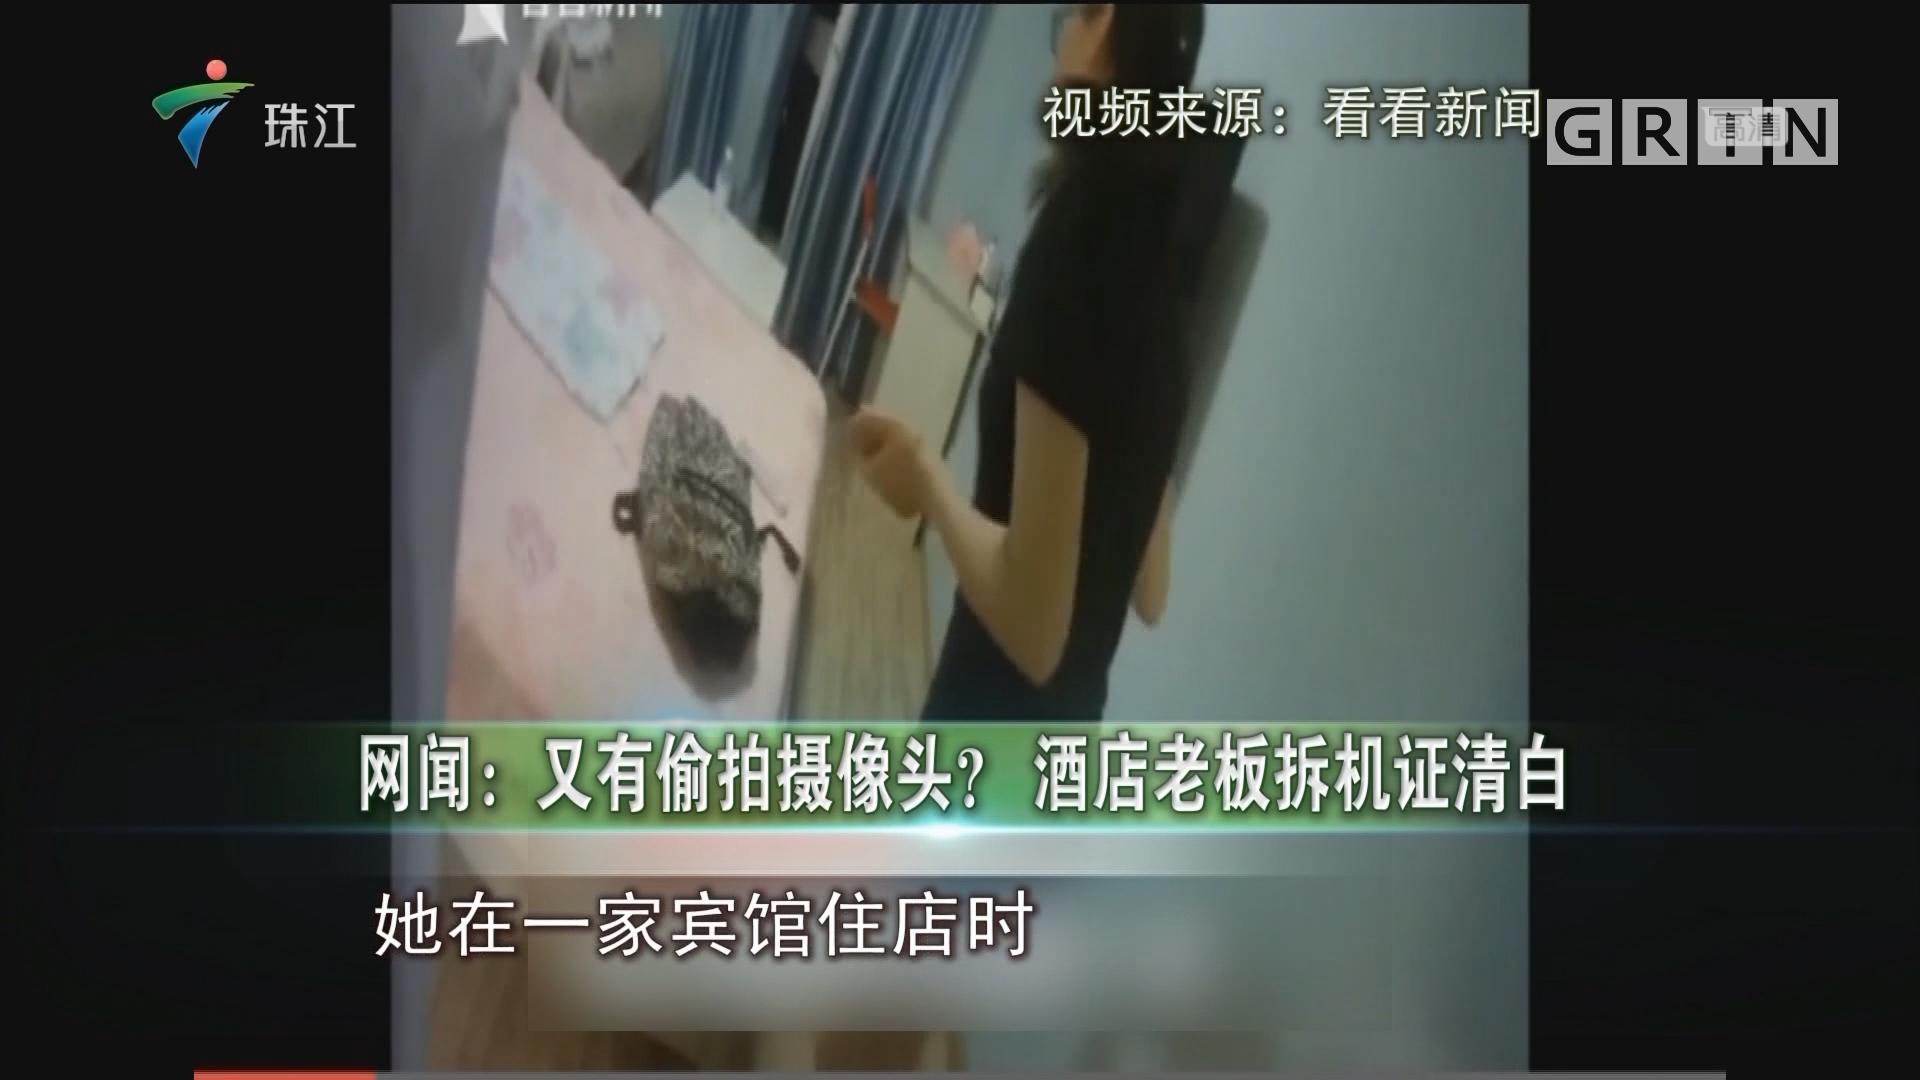 网闻:又有偷拍摄像头?酒店老板拆机证清白